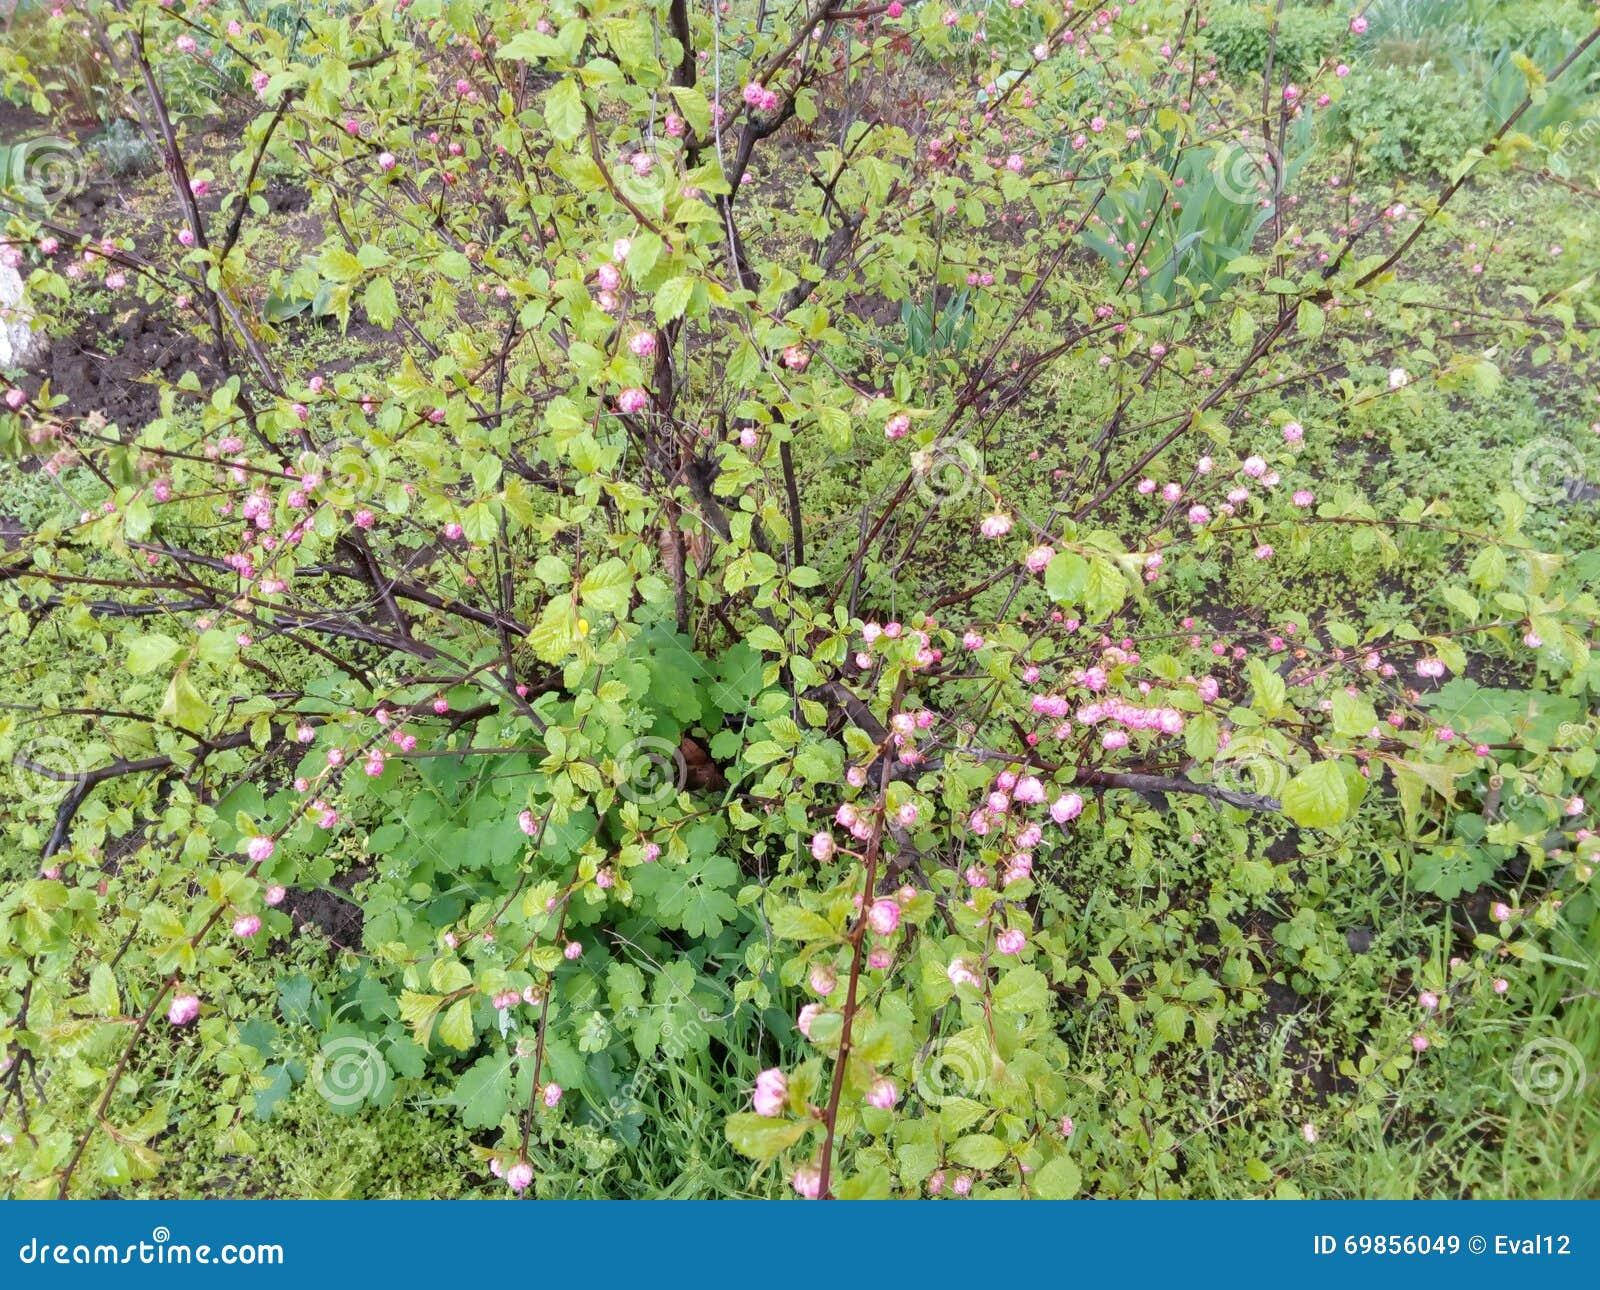 arbuste vert avec de petites feuilles et fleurs violettes image stock image du centrale. Black Bedroom Furniture Sets. Home Design Ideas